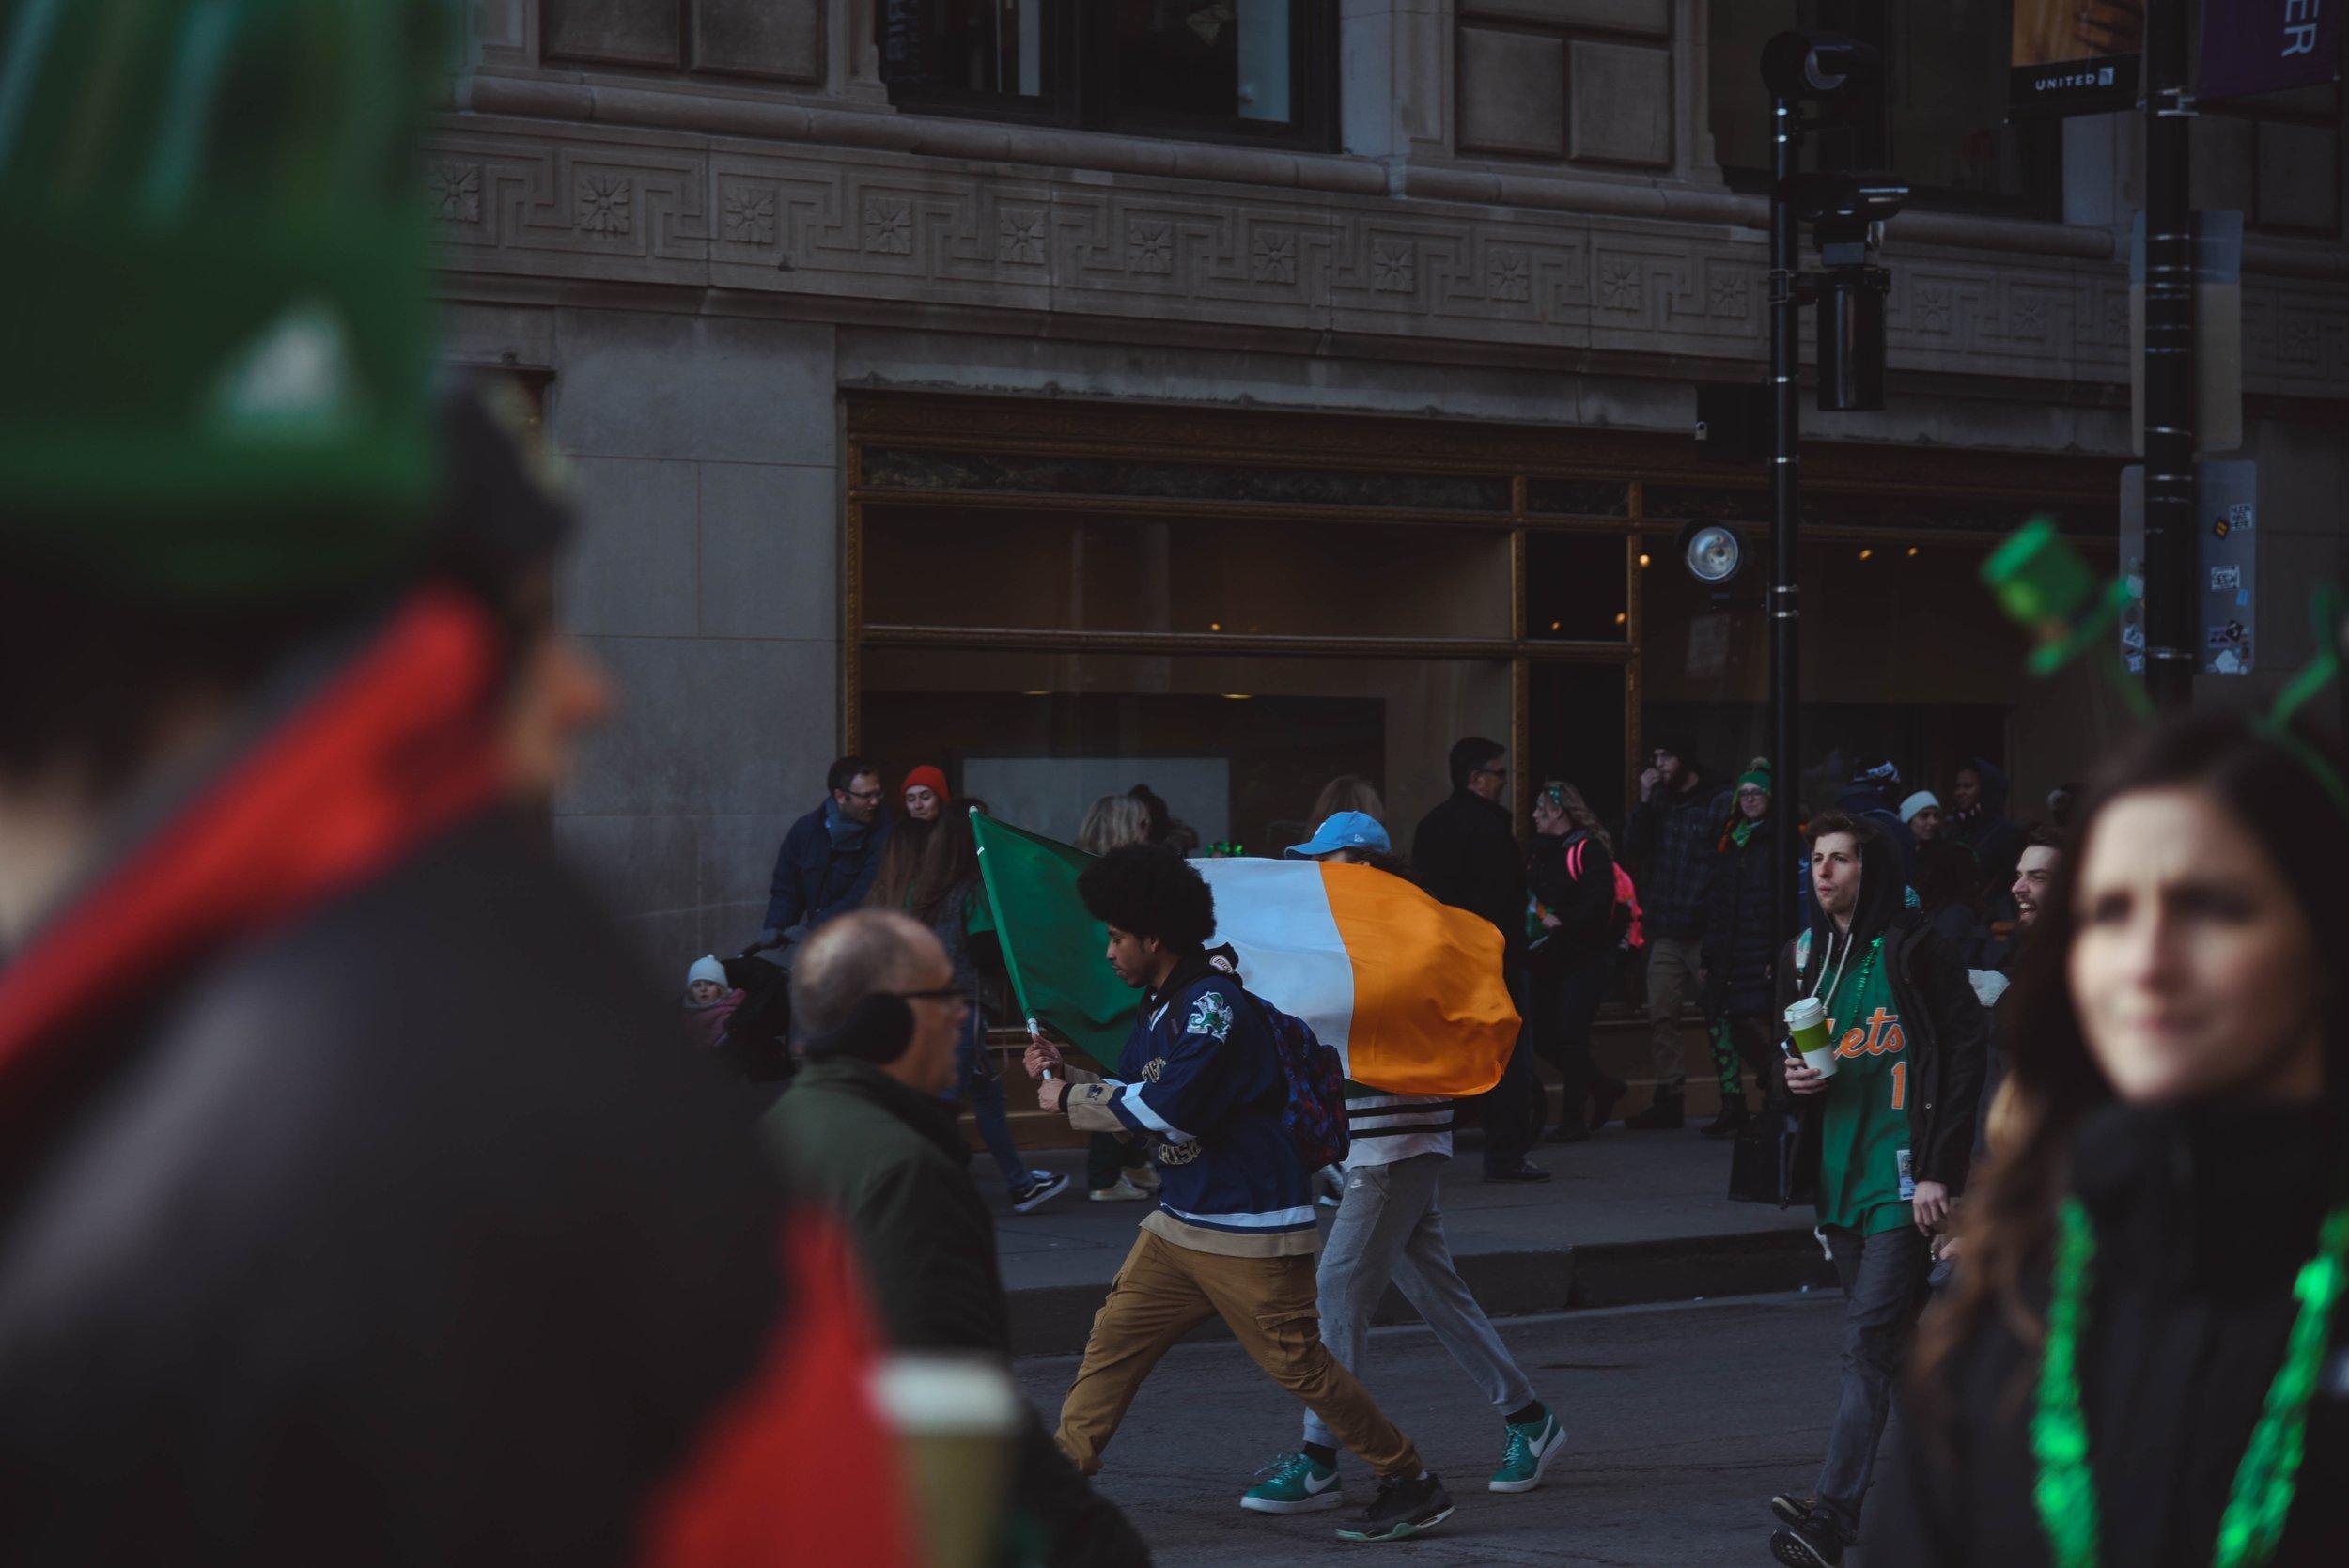 O  St. Patricks Day  é a principal festa da  Irlanda,  que celebra a chegada de São Patrício, o padroeiro do país. O evento ocorre oficialmente no dia 17 de março.